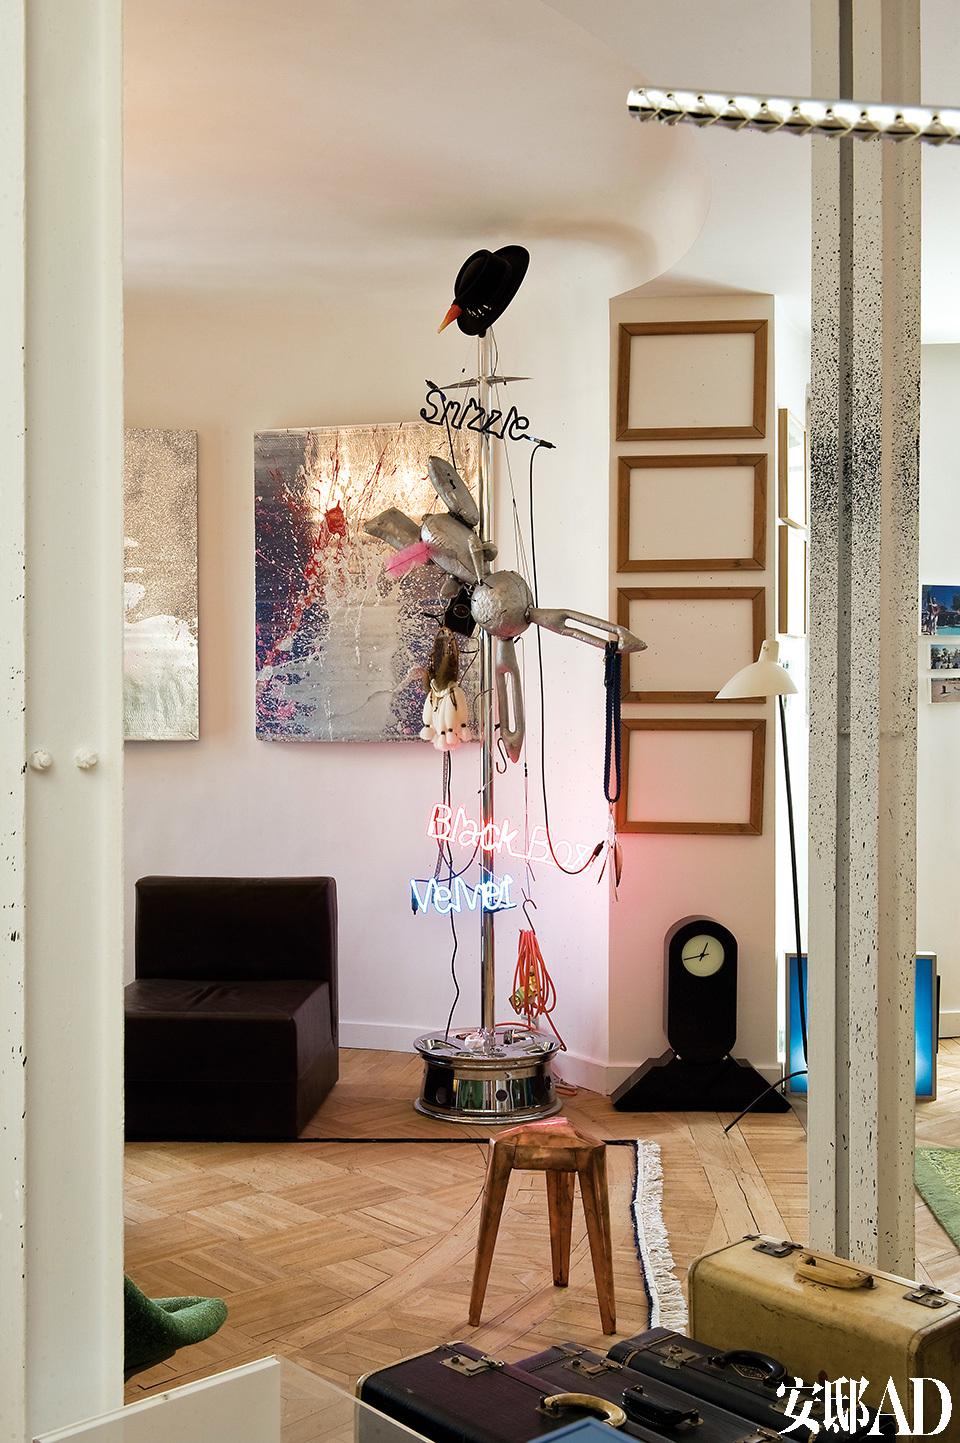 落地荧光灯组来自Jason Rhoades,墙面挂画由Rob Pruitt创作,皮质扶手椅的设计者是Martin Szekely。